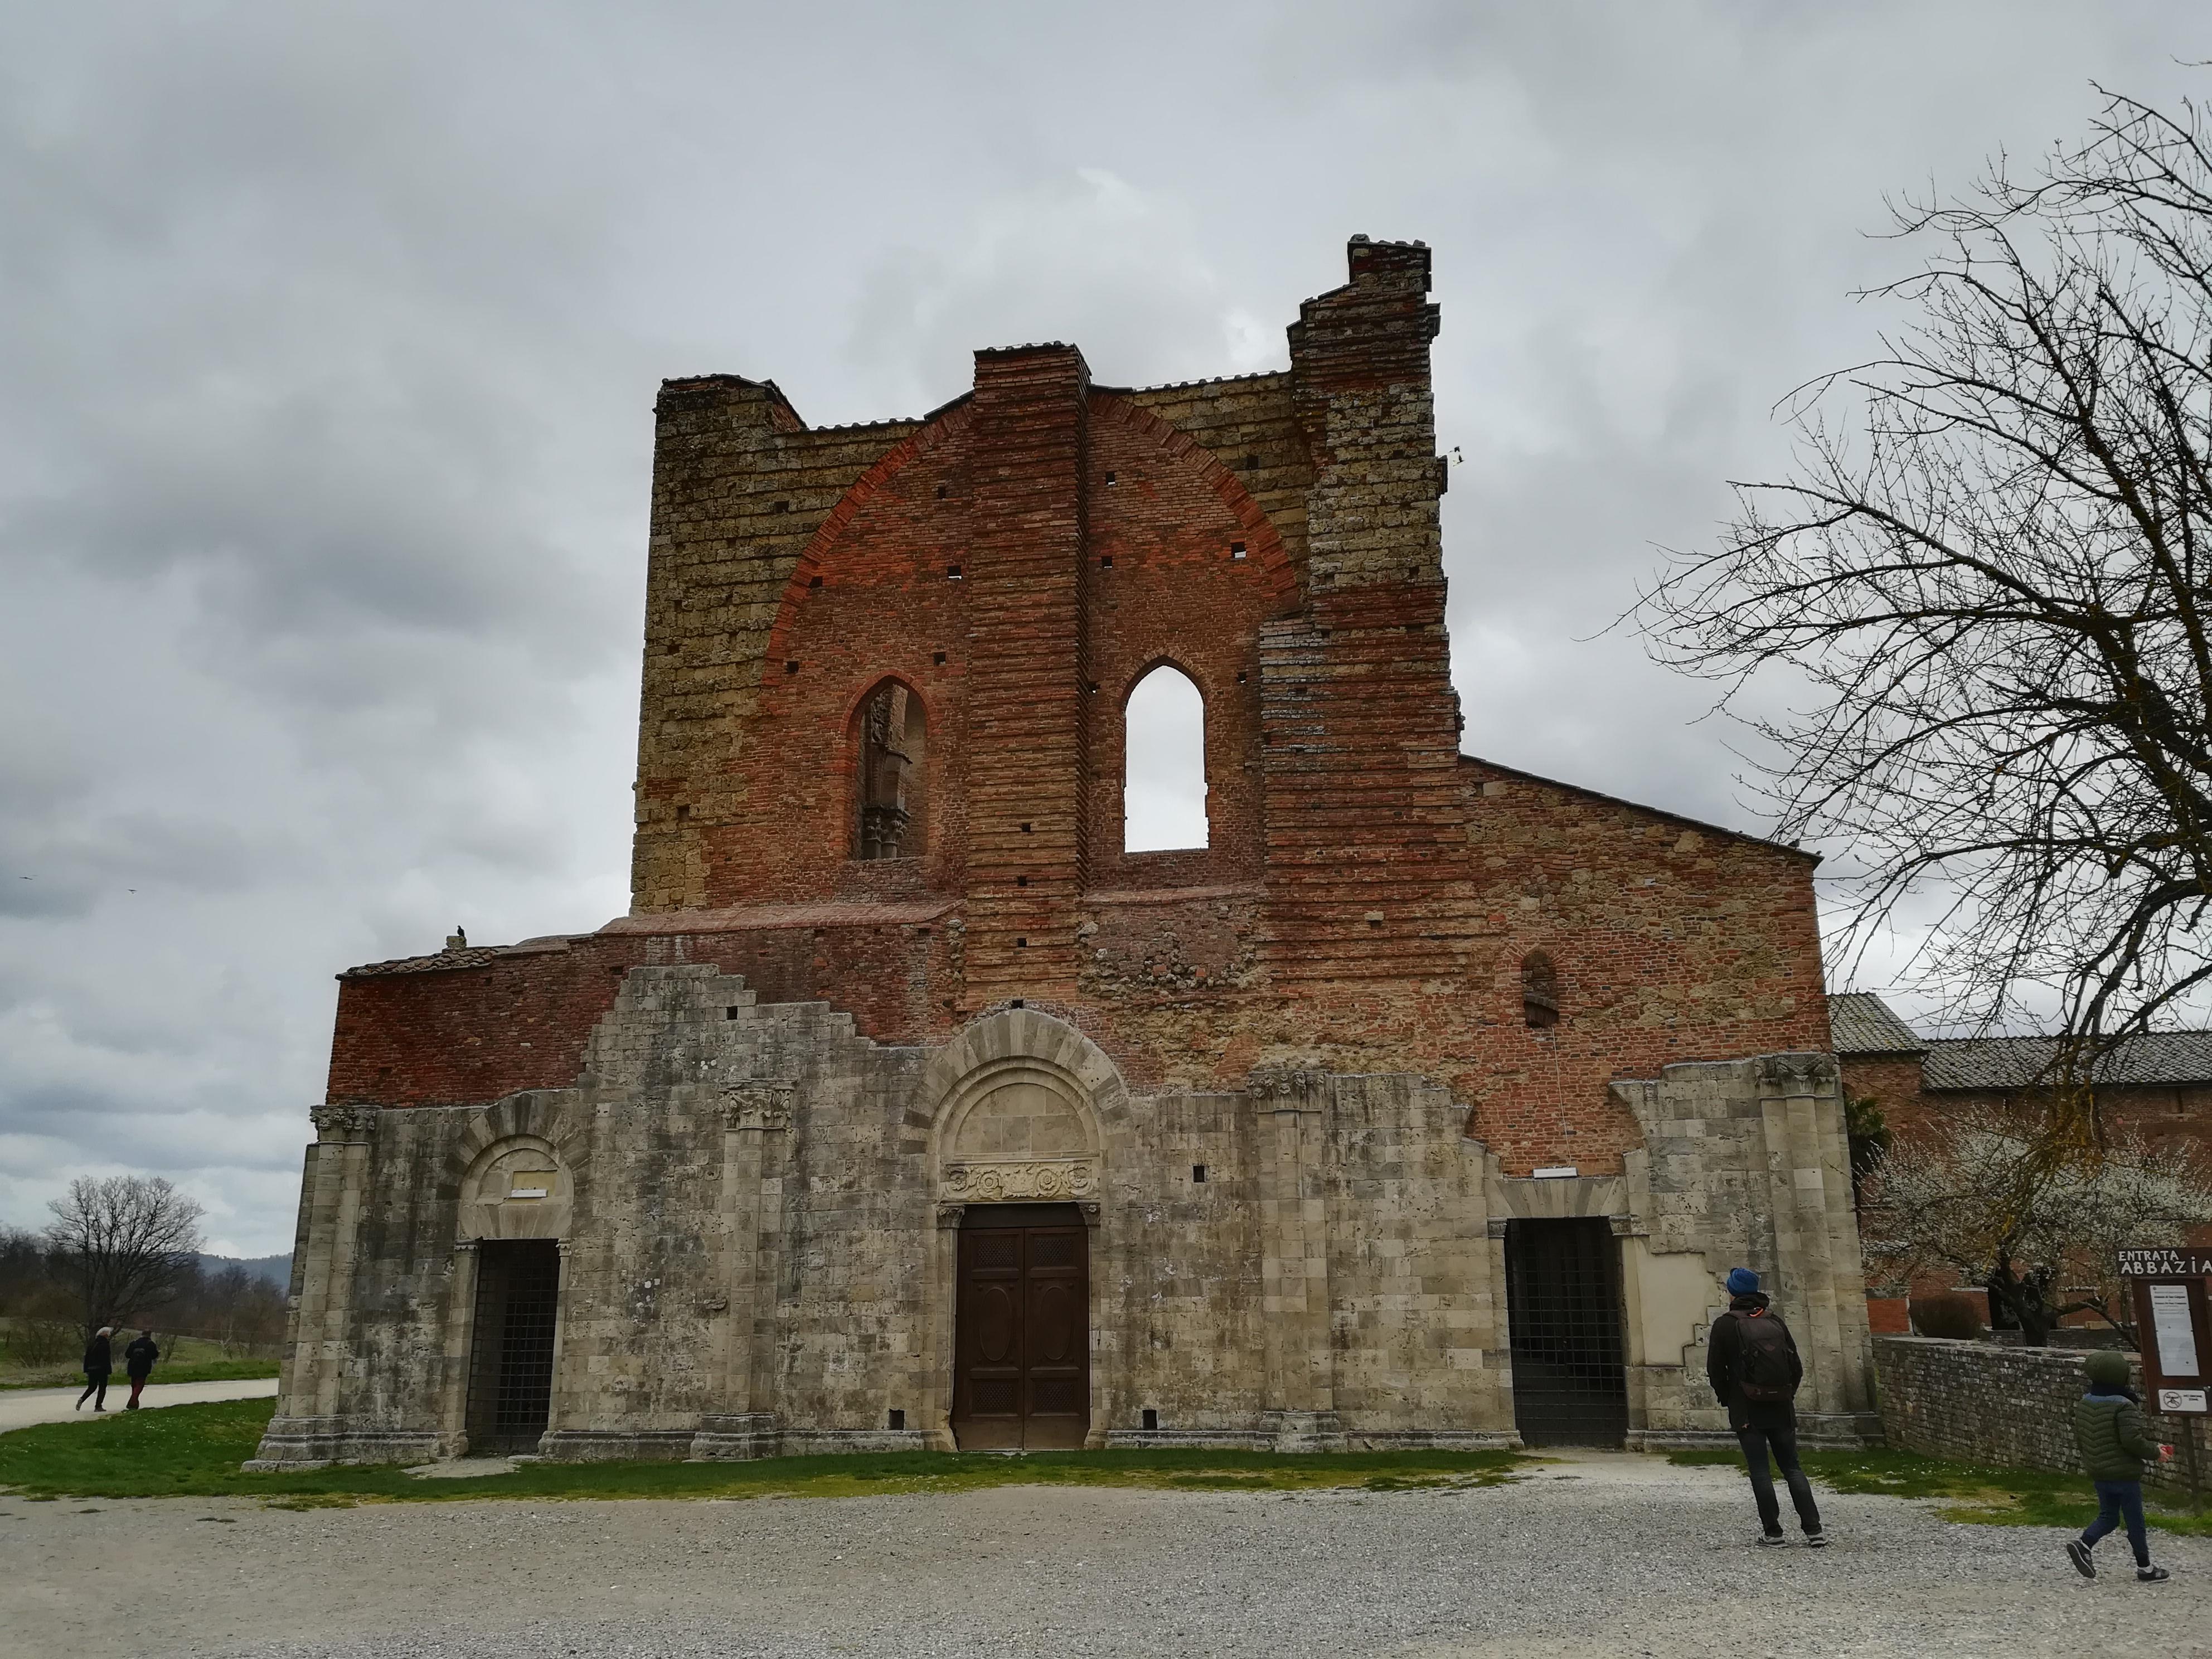 Abbazia di San Galgano cosa vedere a San Galgano GetCOO Travel blog